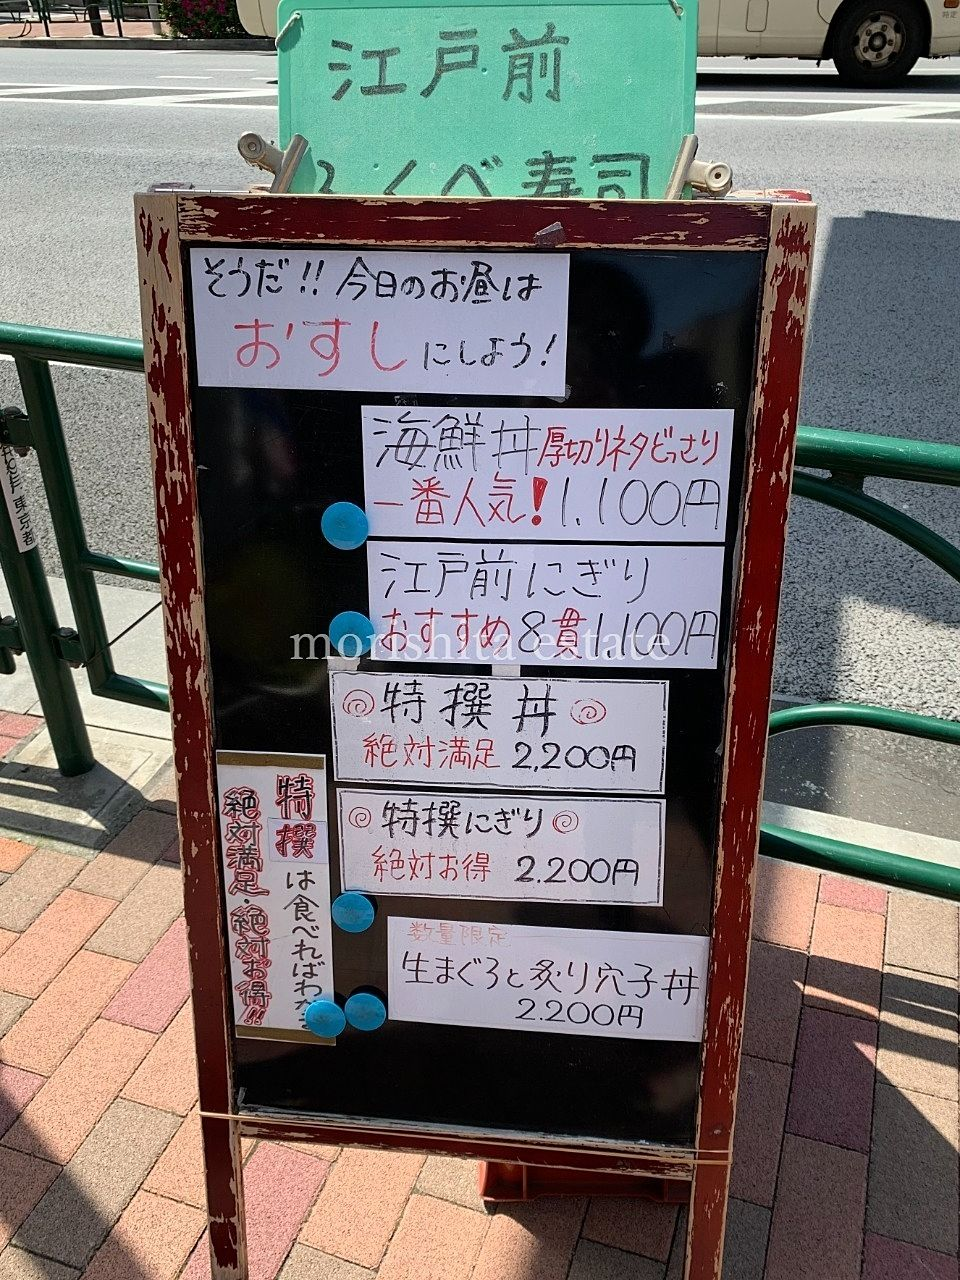 高橋 ふくべ寿司 新鮮 江戸前 海鮮丼 にぎり 大盛り 写真